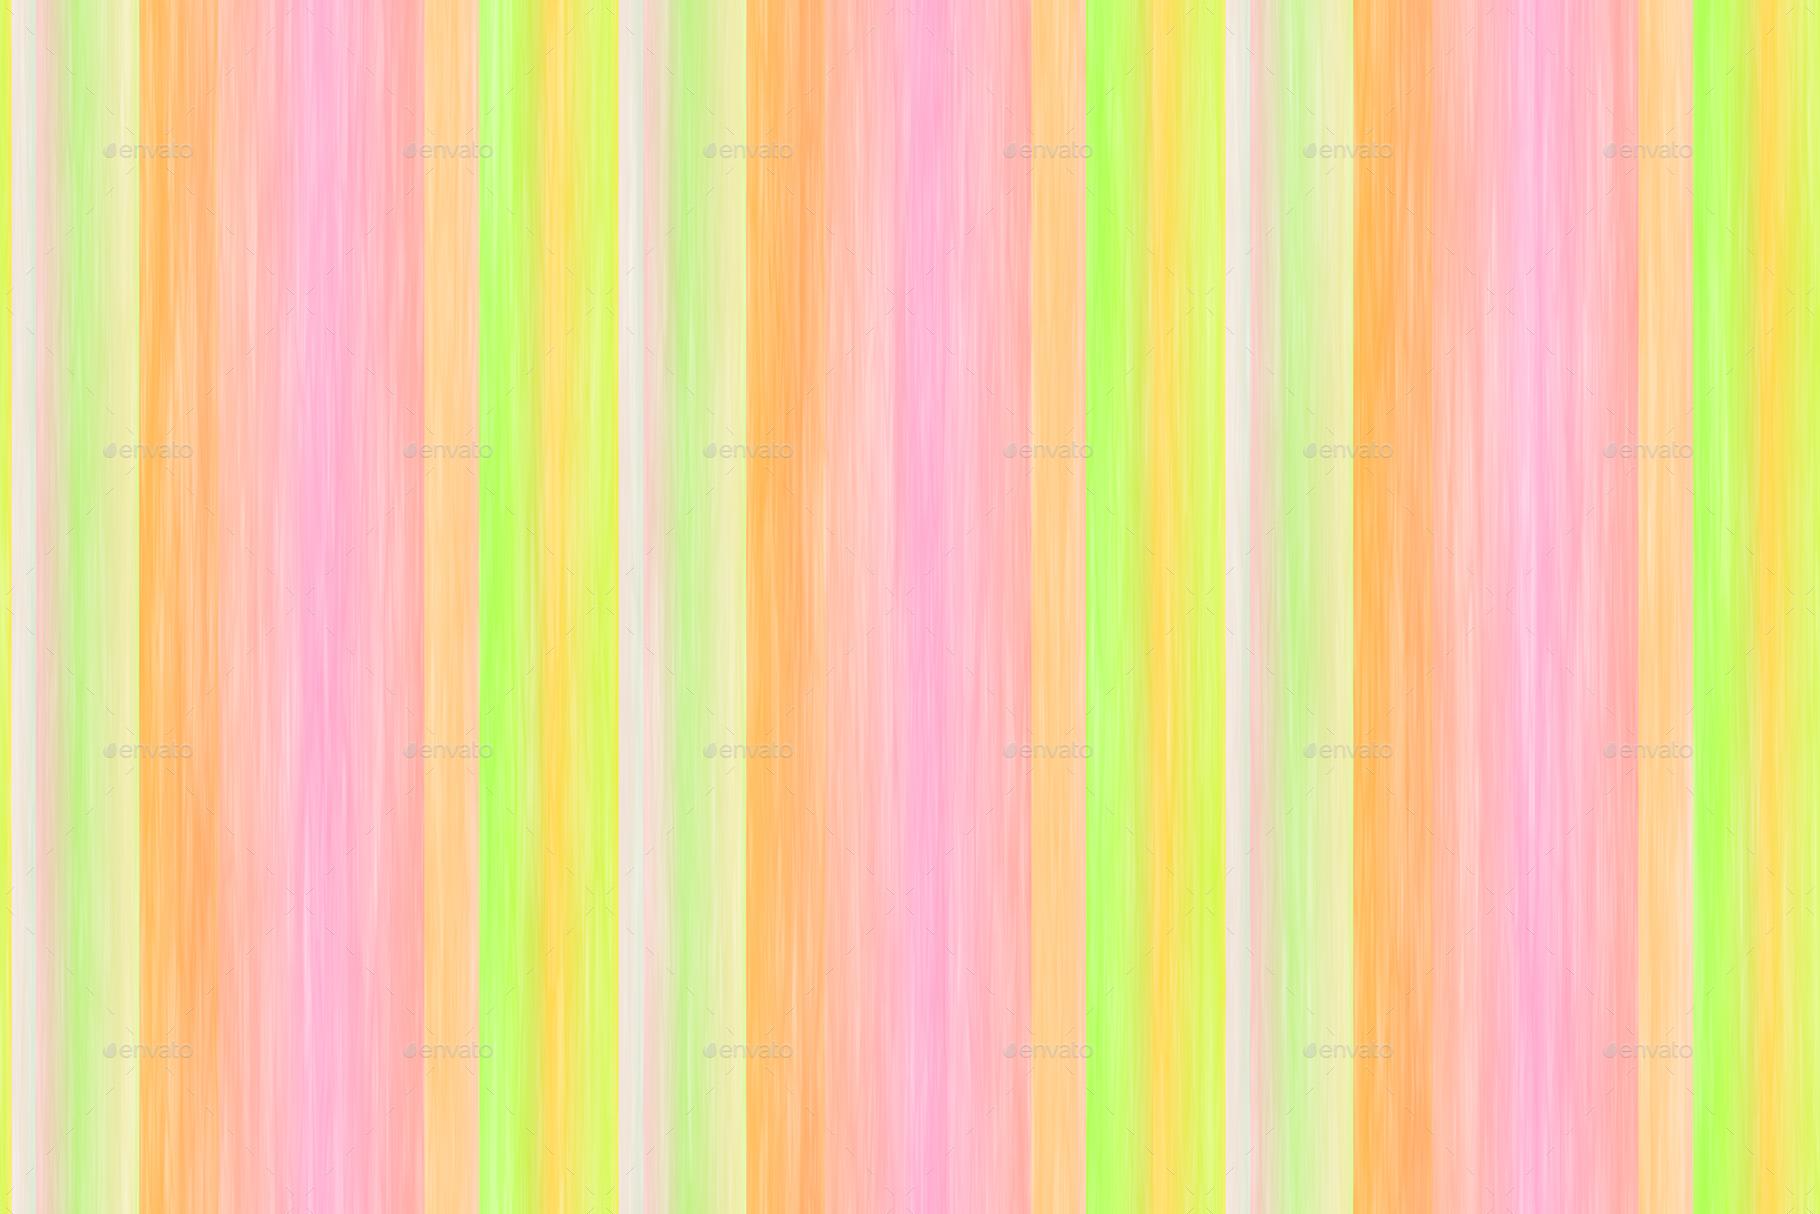 10 Scrapbook Sherbert Textures by webcombo 3DOcean 1820x1214